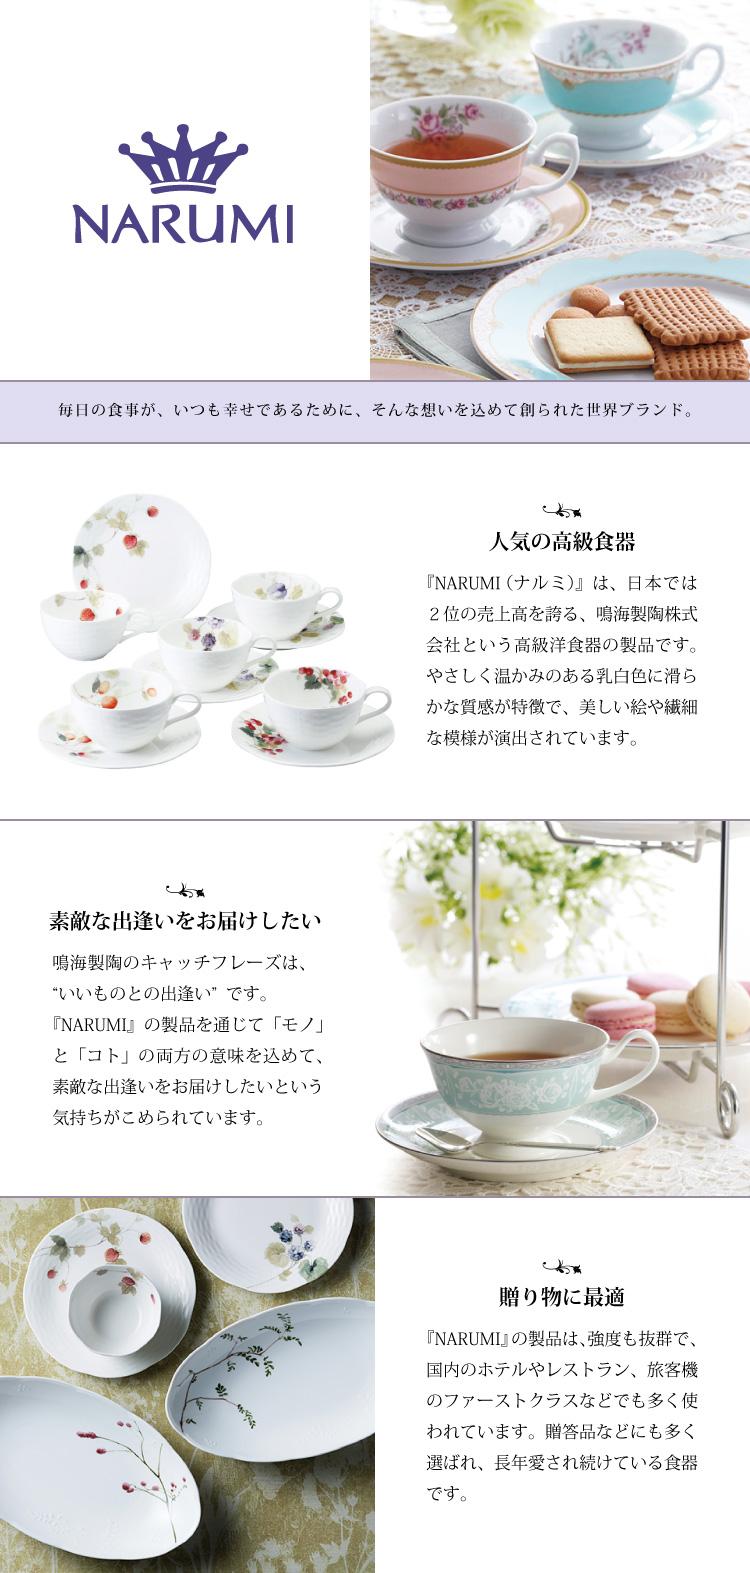 ナルミ 毎日の食事がいつも幸せであるために、そんな想いを込めて創られた世界ブランド。 人気の高級食器 『NARUMI(ナルミ)』は、日本では2位の売上高を誇る鳴海製陶株式会社という高級洋食器の製品です。やさしく温かみのある乳白色に滑らかな質感が特徴で、美しい絵や繊細な模様が演出されています。